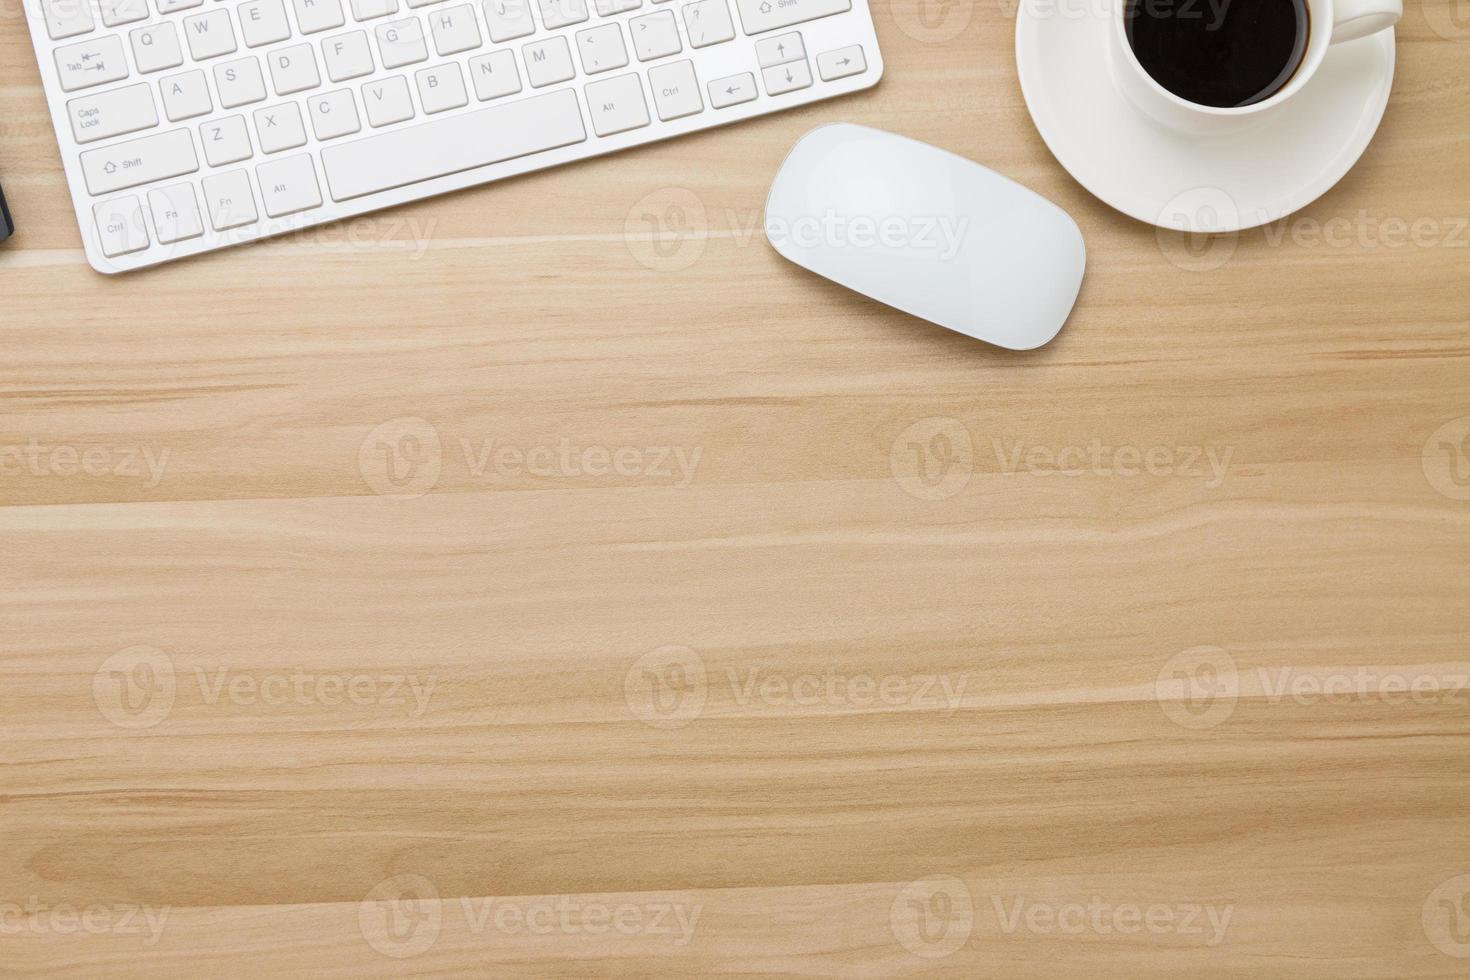 kantoorbenodigdheden op het houten bureau foto